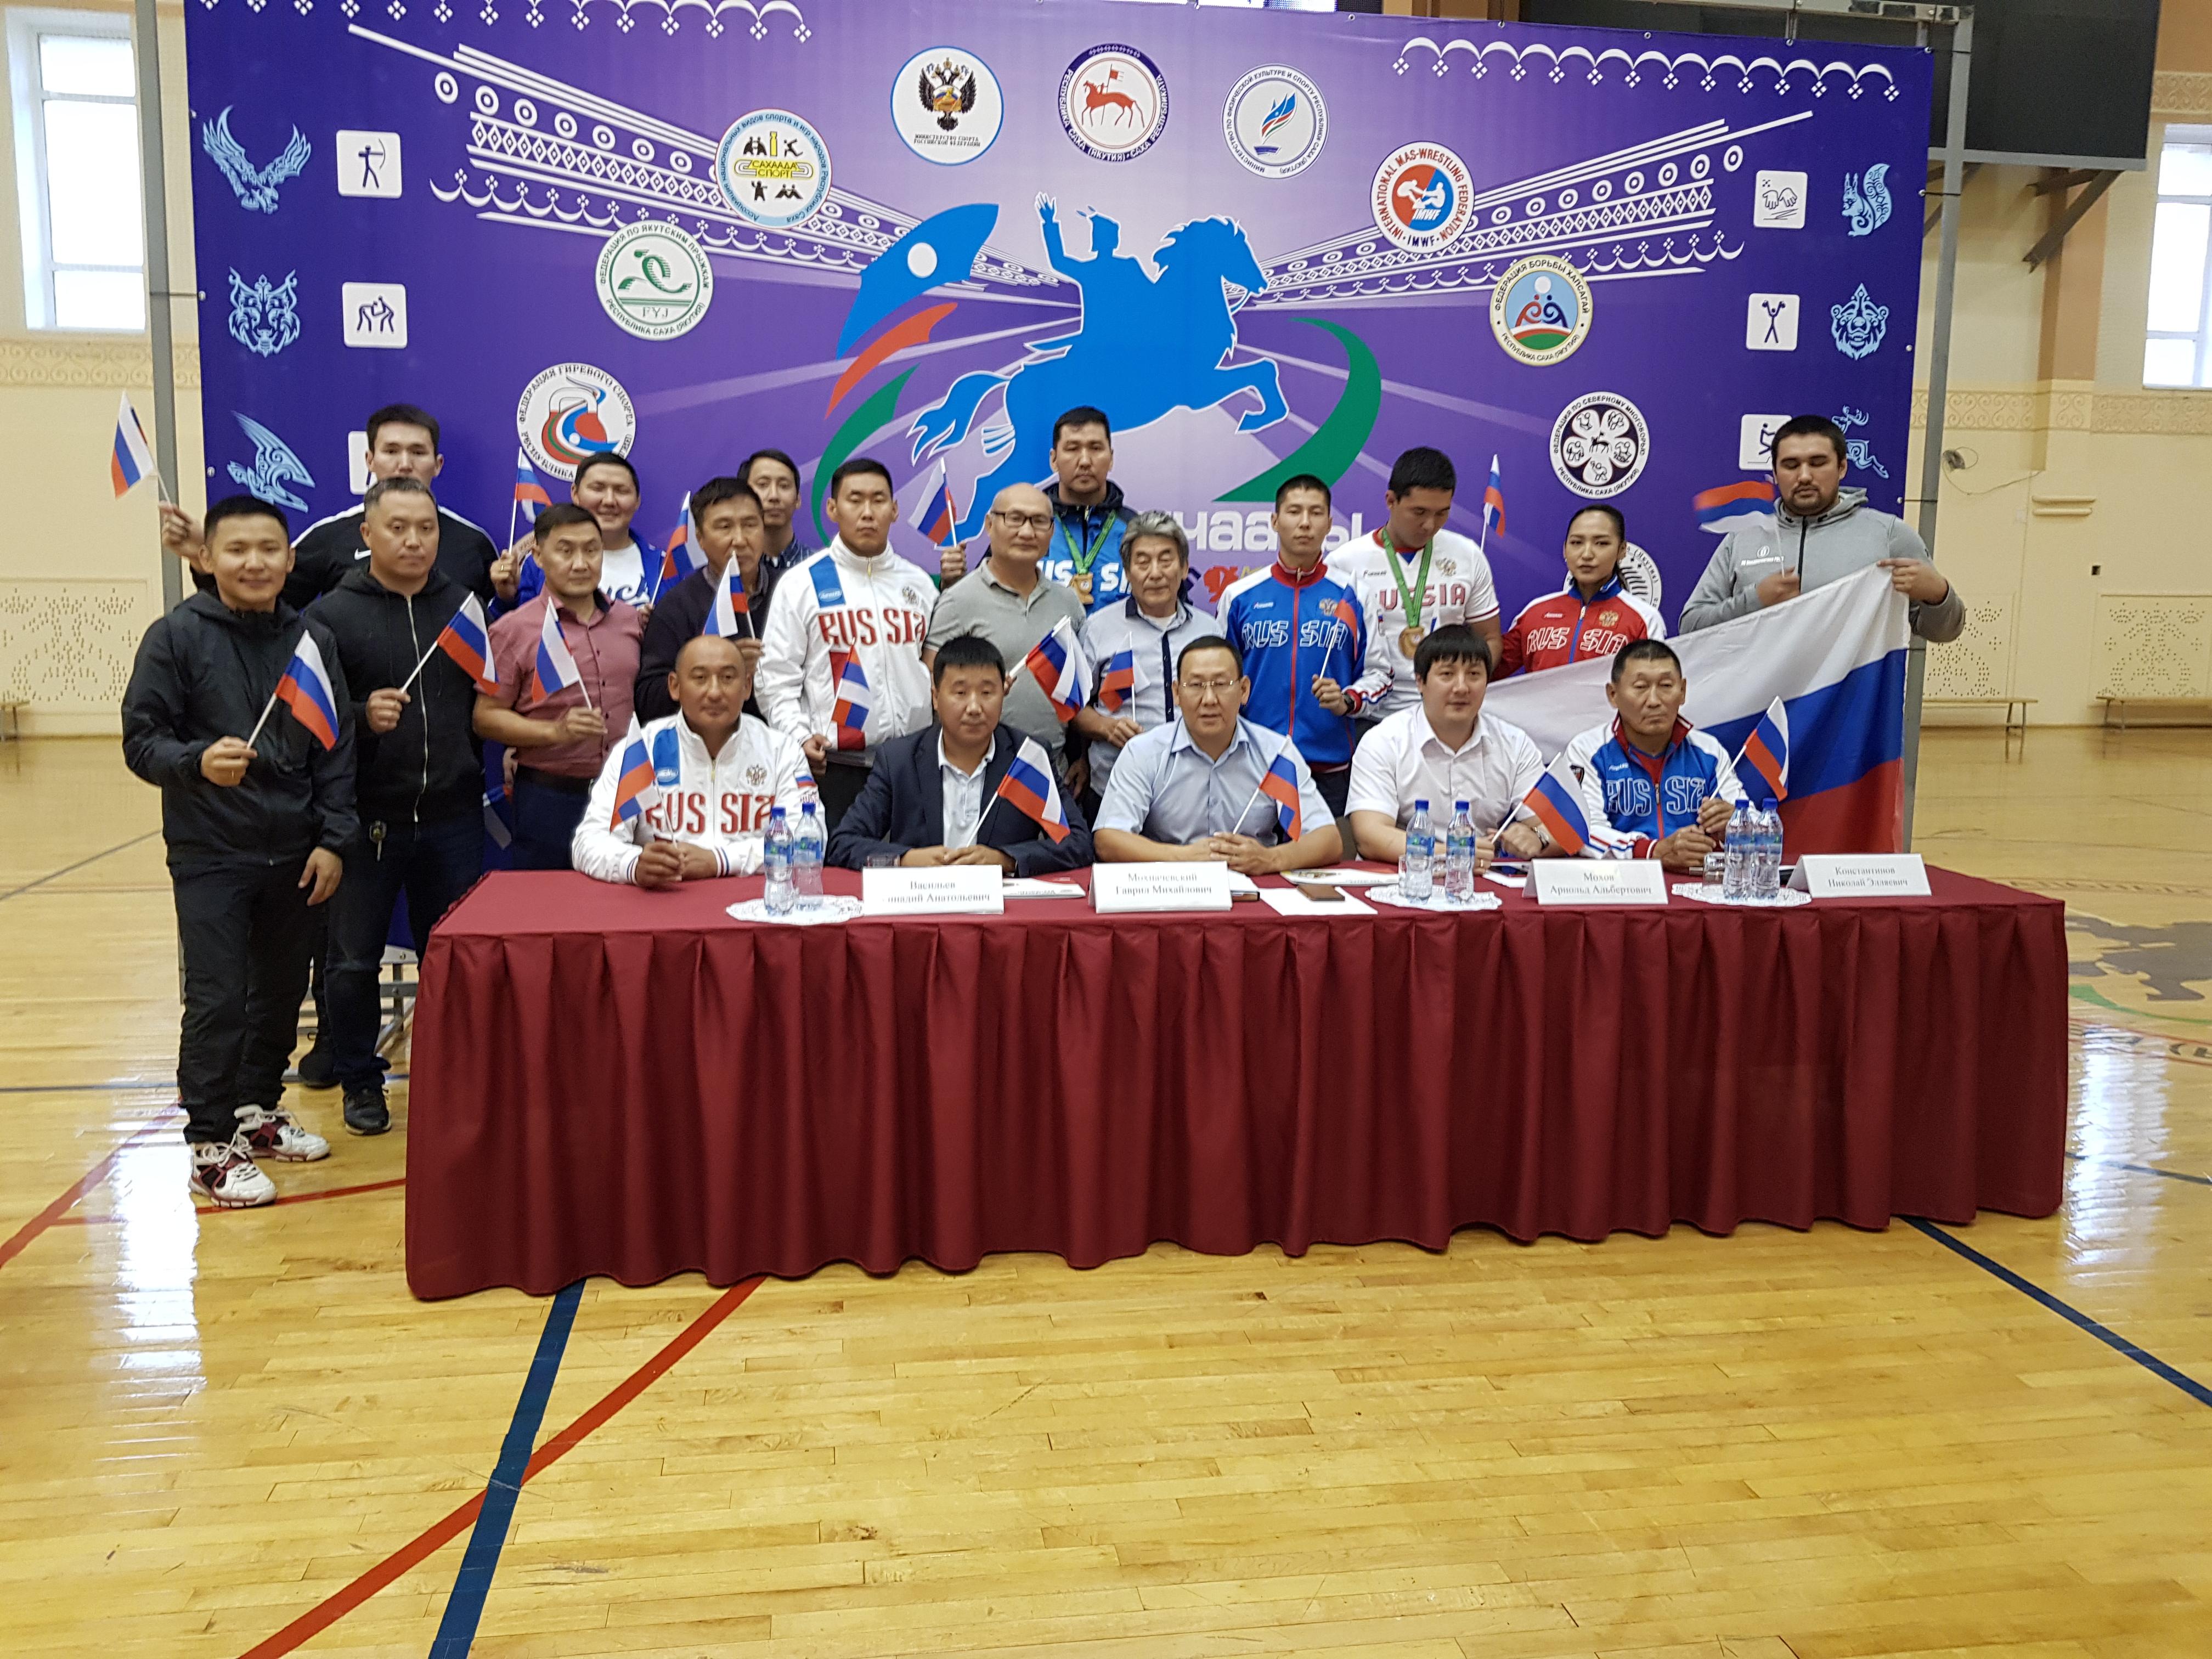 Якутяне завоевали пять золотых медалей на II этапе Кубка мира по мас-рестлингу